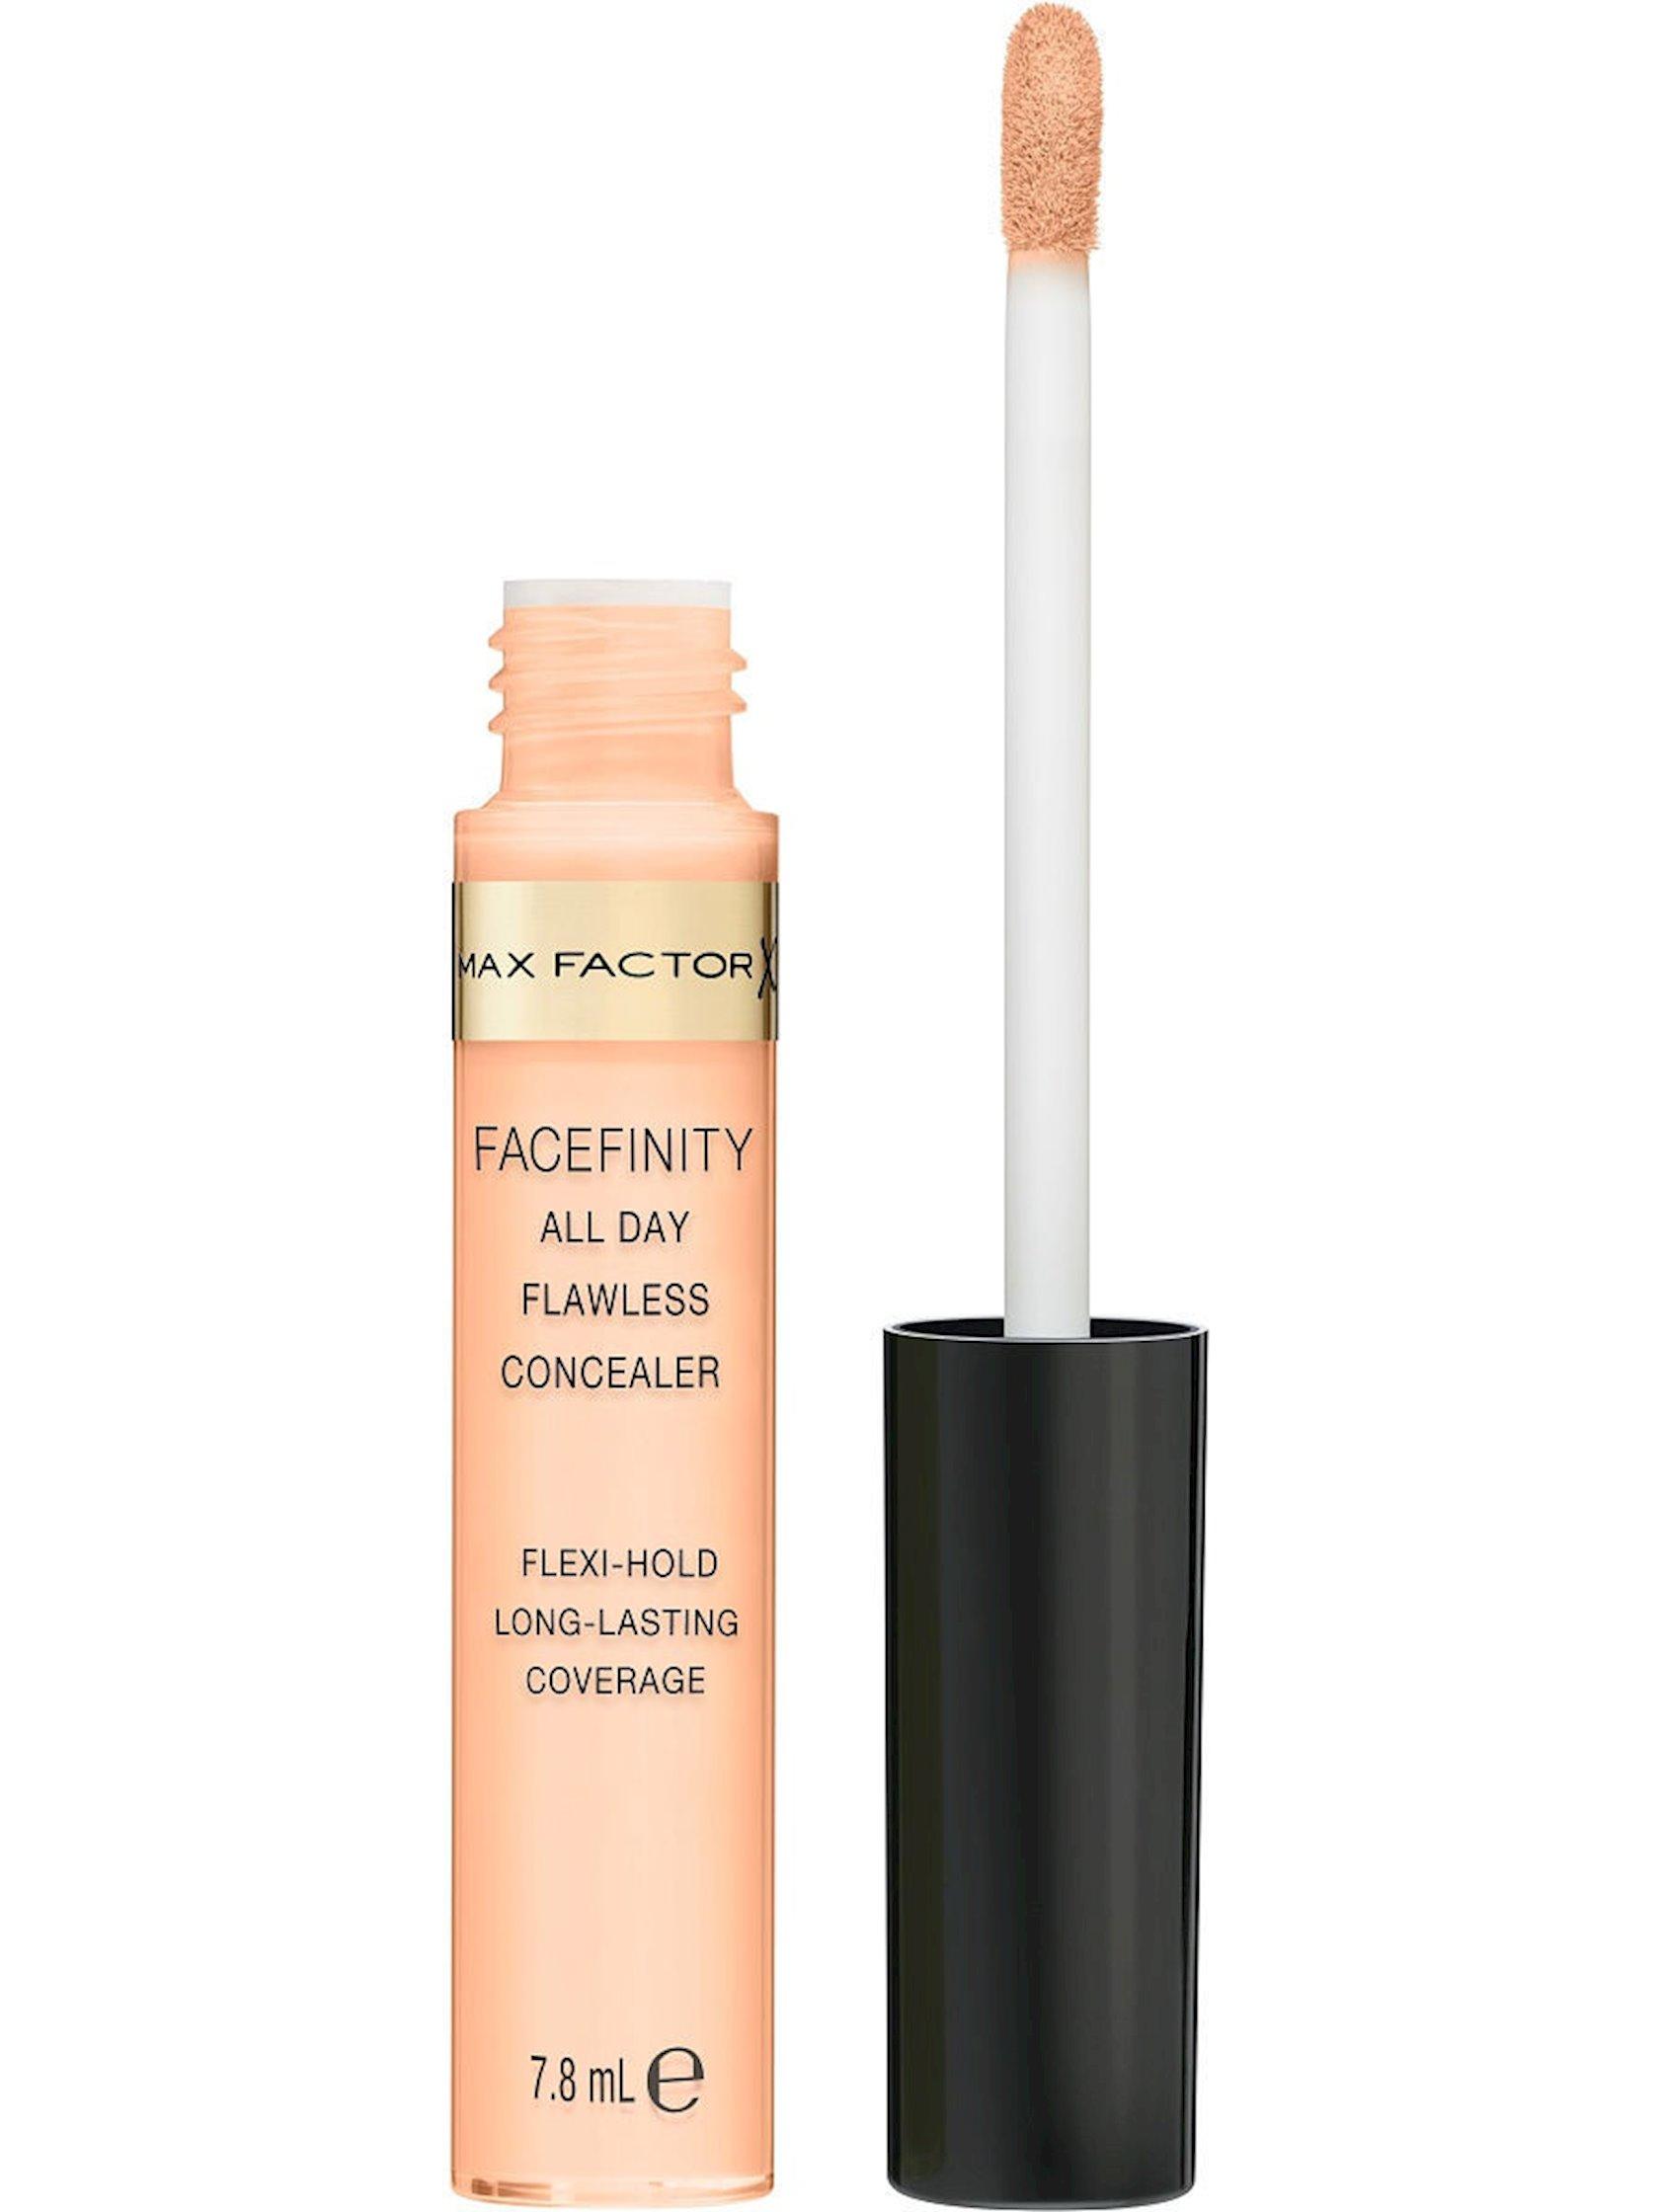 Üz üçün konsiler Max Factor Facefinity All Day Flawless ton 30, 7.8 ml